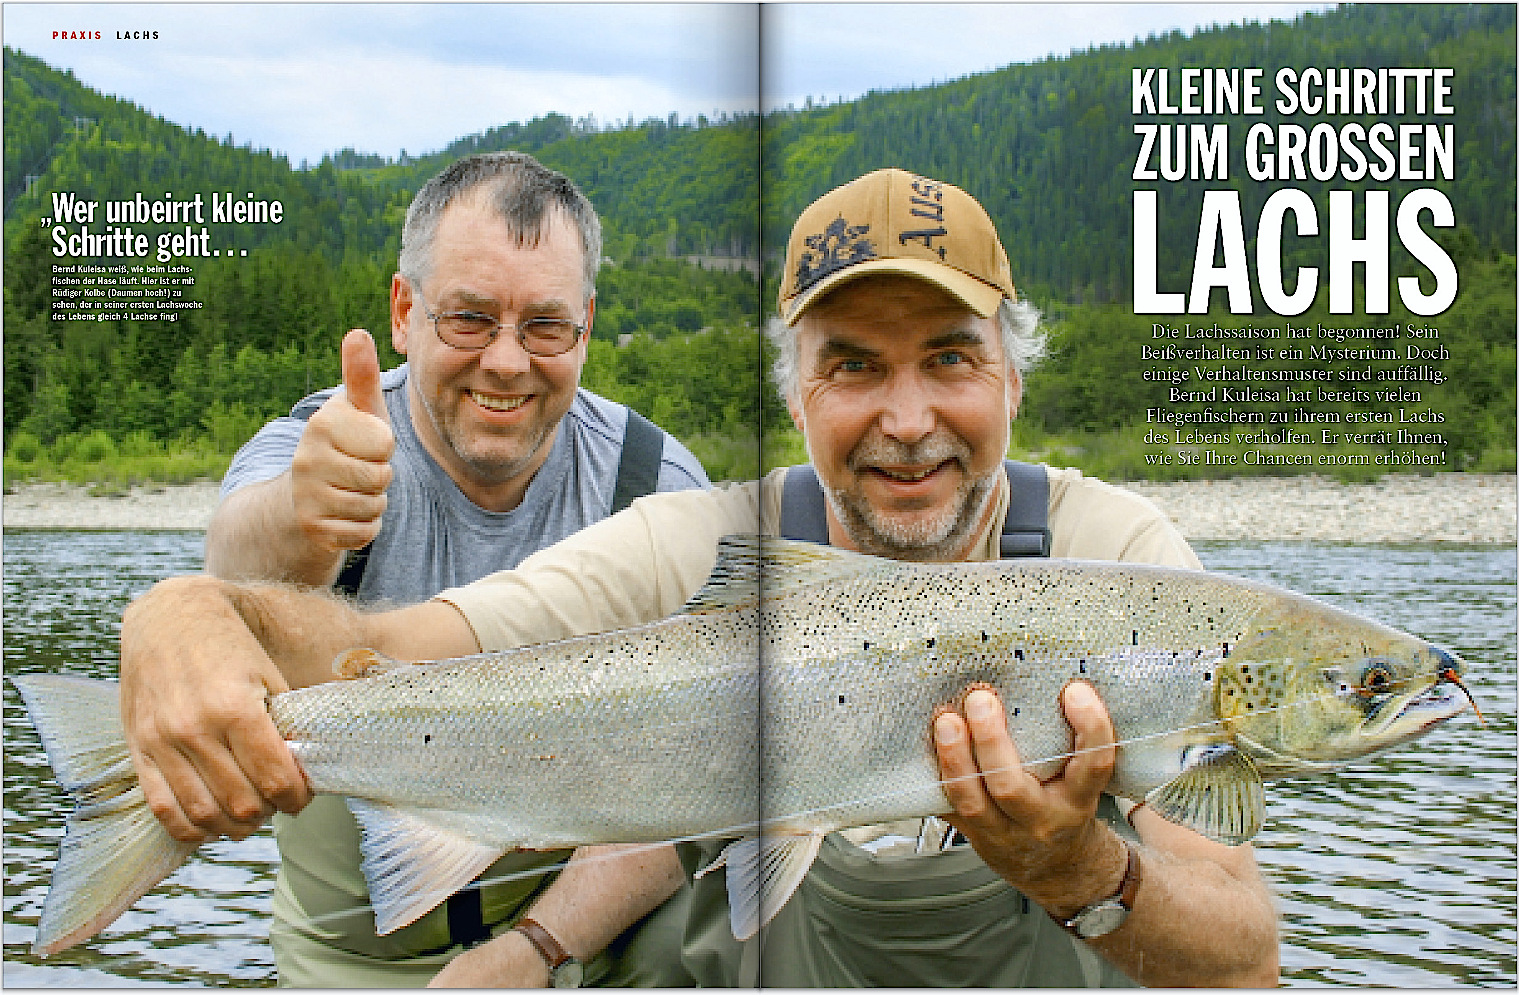 Im Juni und Juli steigen die Lachse in die Flüsse auf, zum Beispiel in Norwegen. Bernd Kuleisa gibt Ihnen hilfreiche Tipps, damit es mit dem Fang klappt.